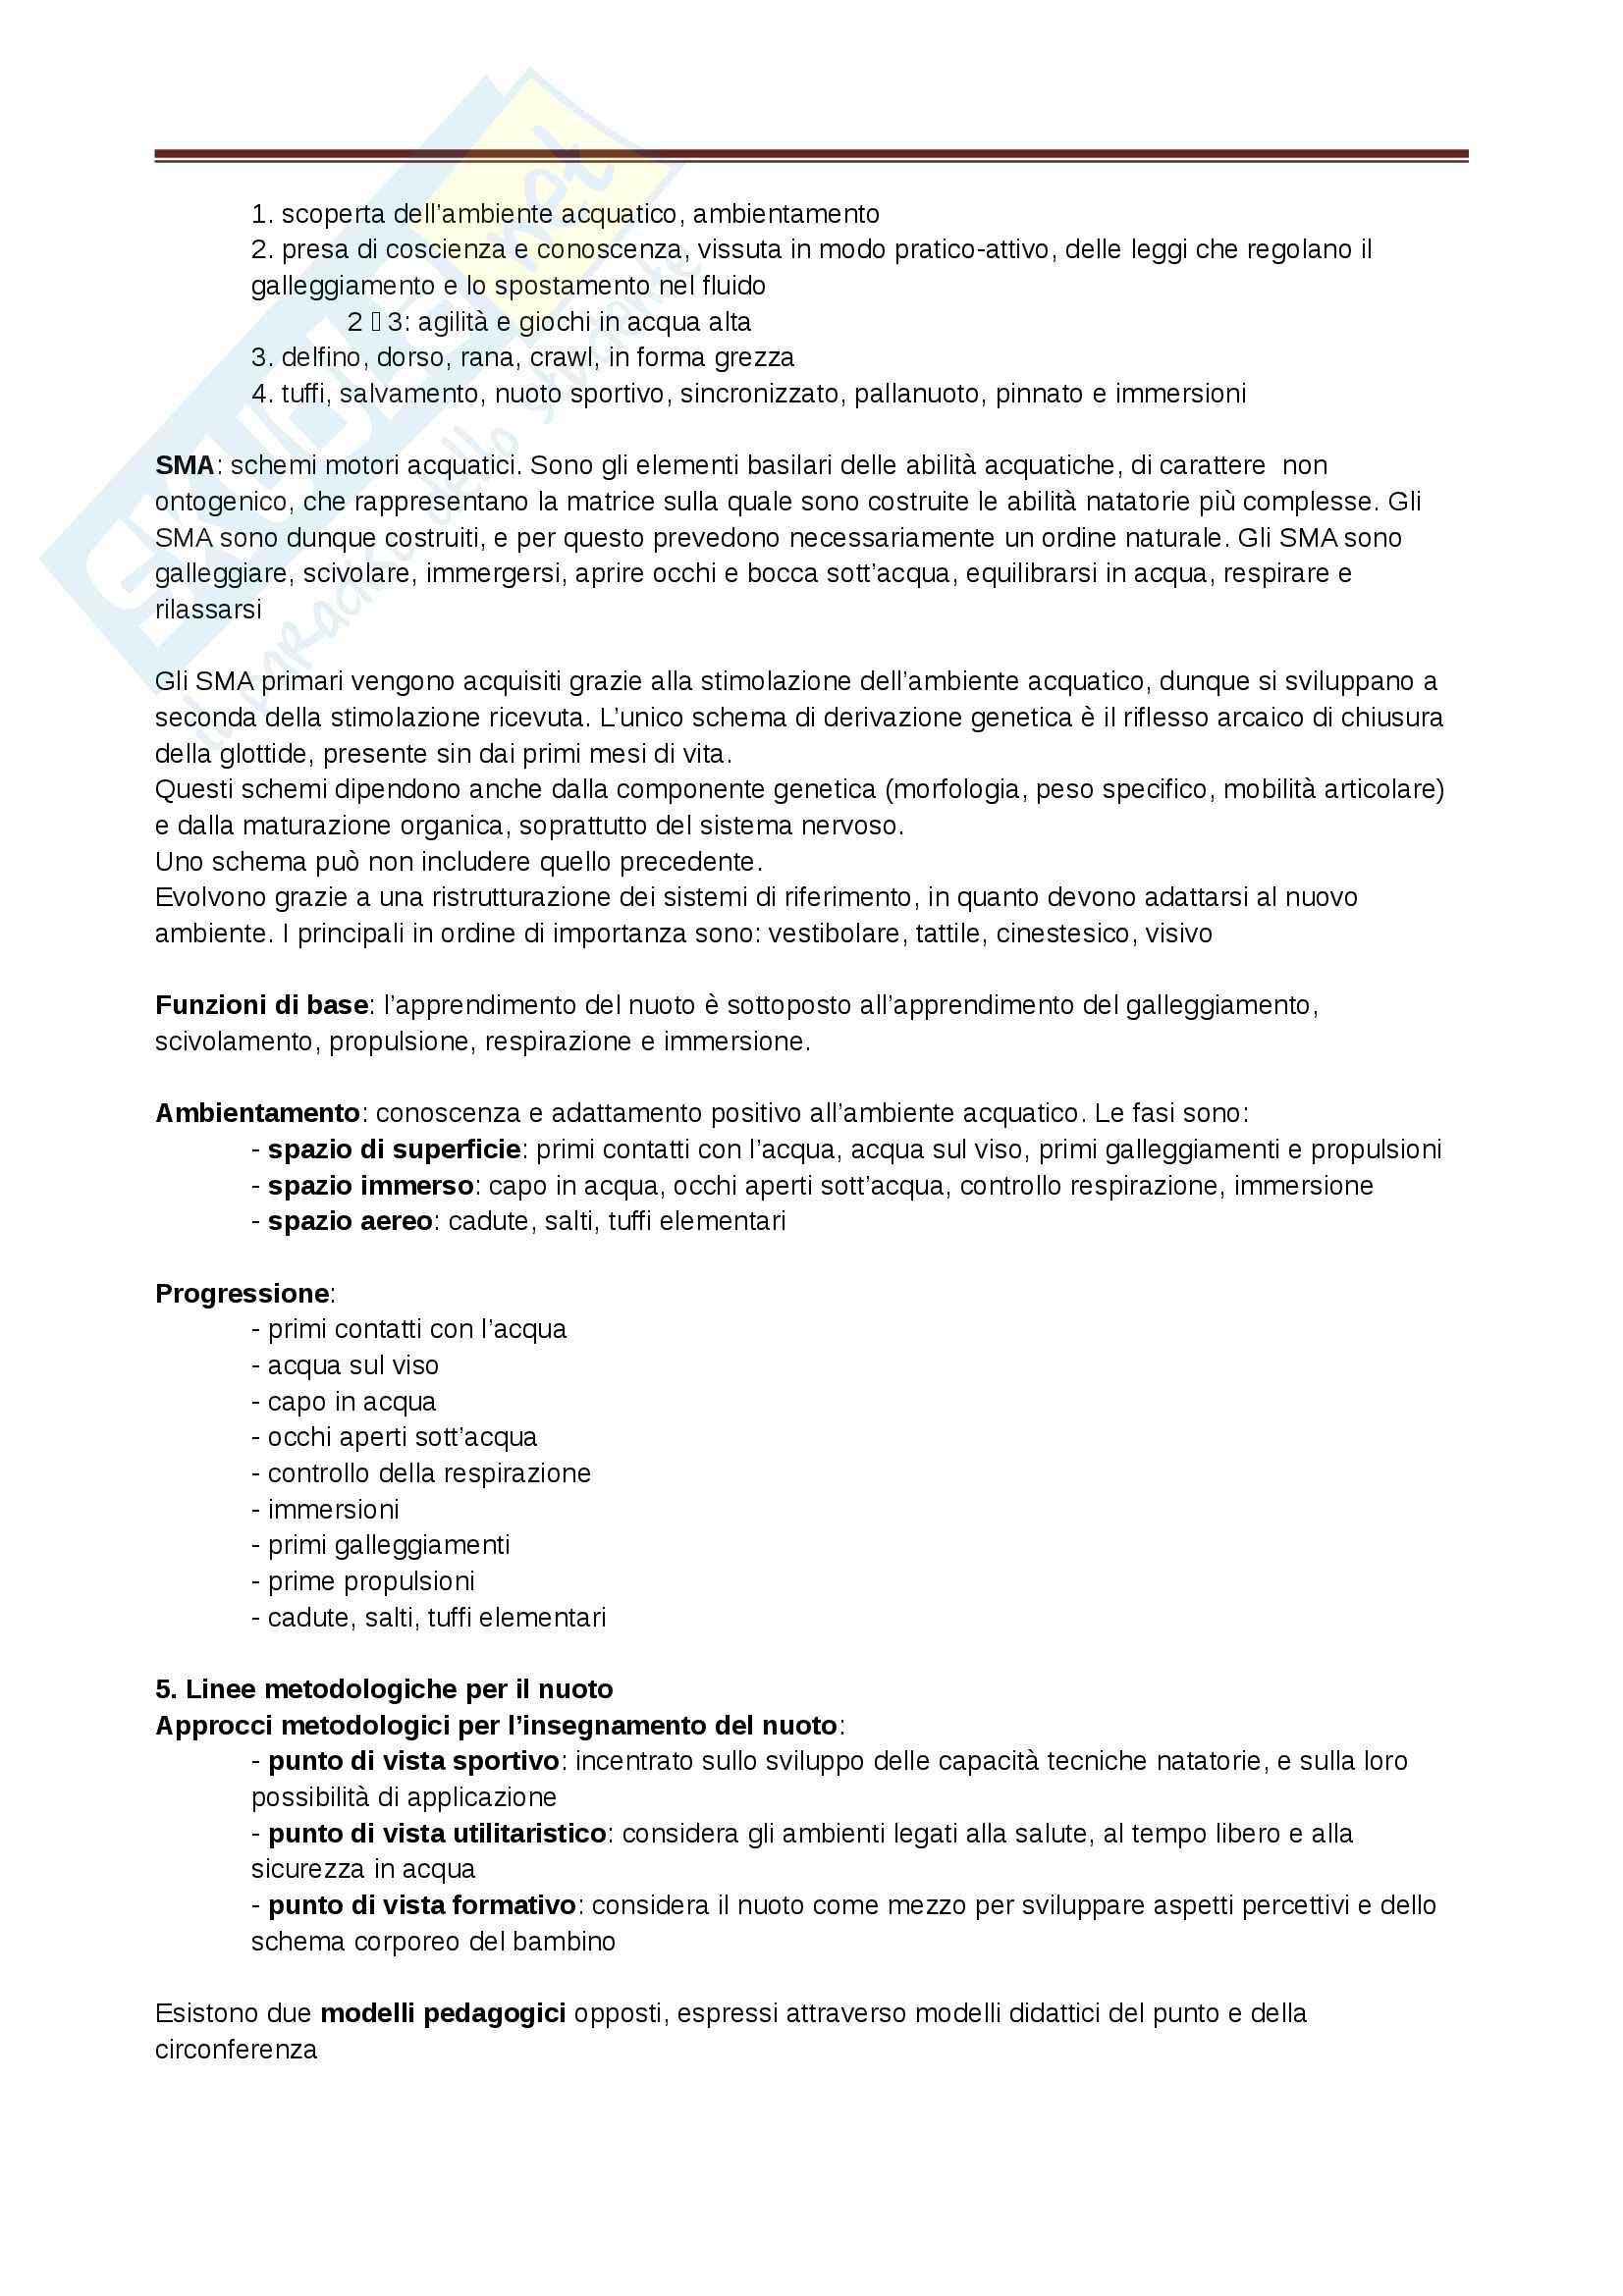 Appunti - Nuoto Pag. 6